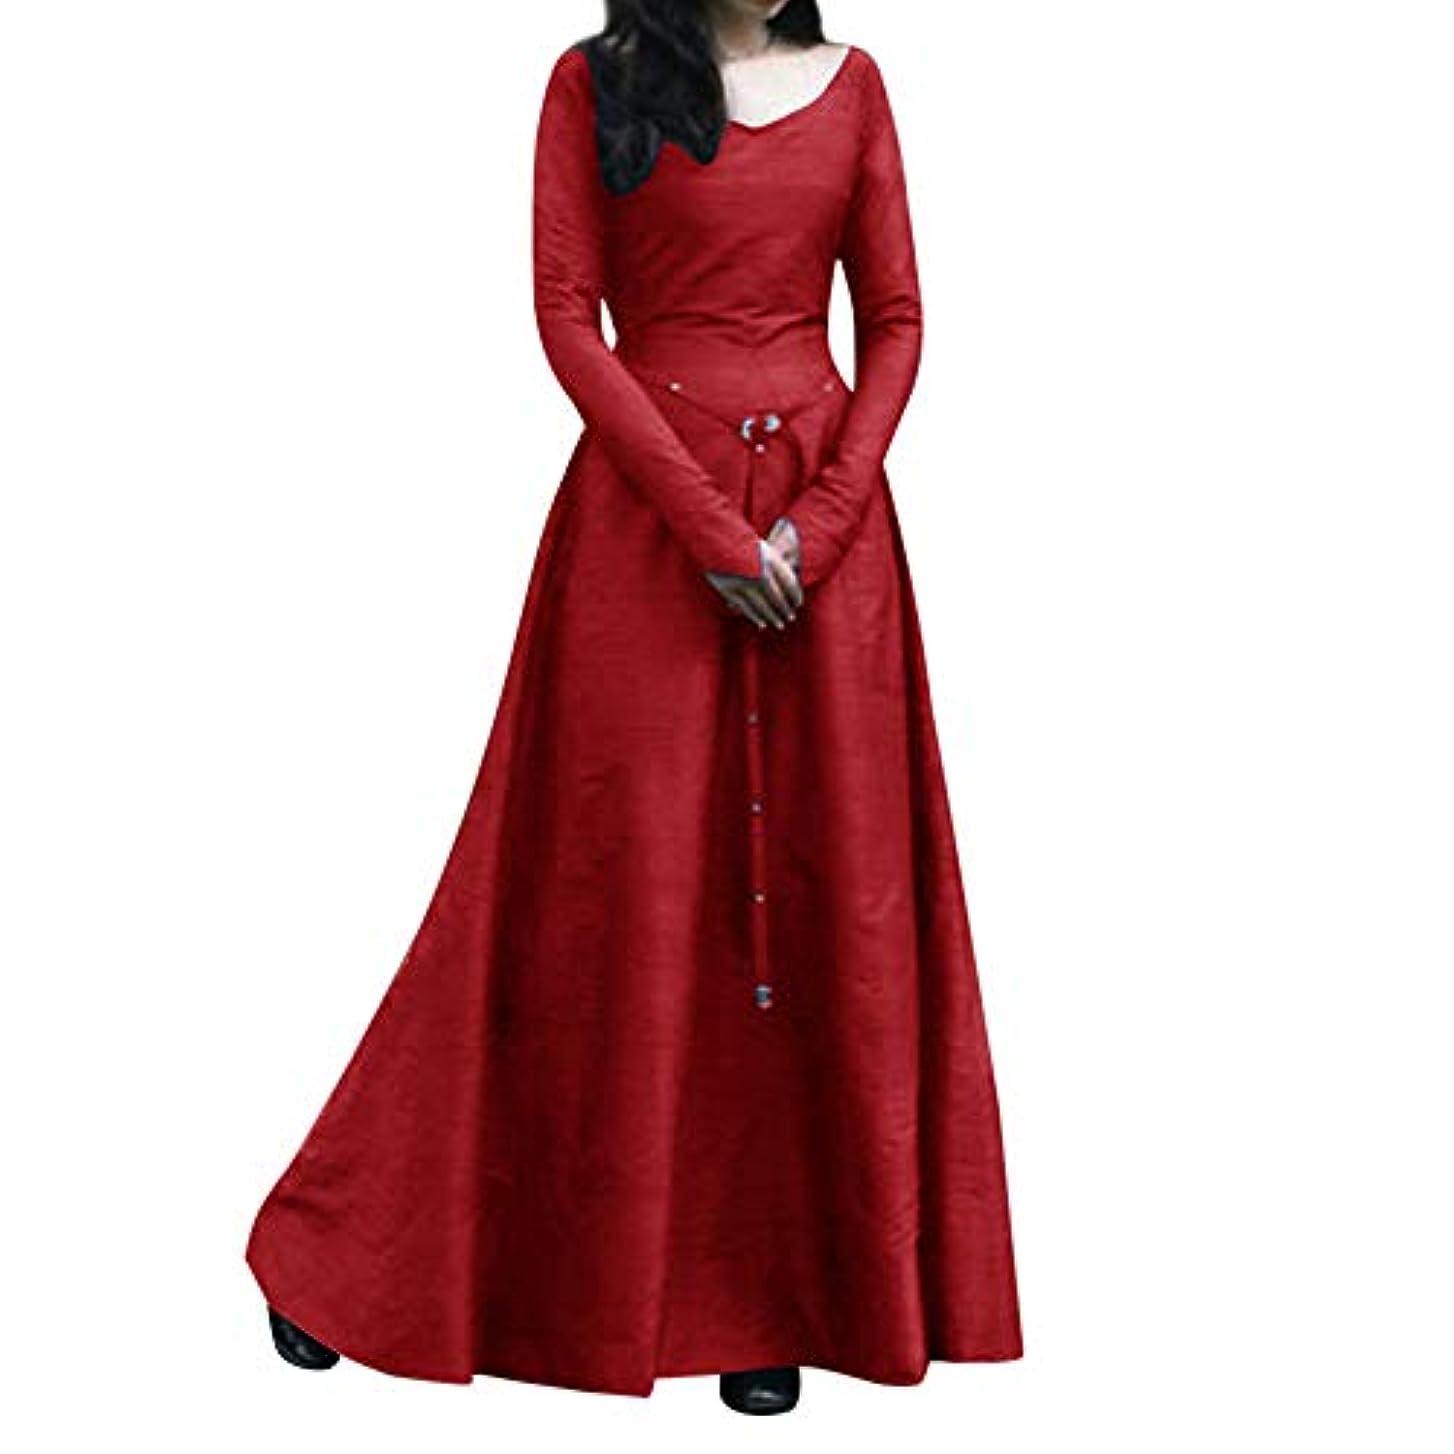 まもなく入射ハンバーガー貴族 ドレス お姫様 カラードレス Huliyun 王族服 豪華なドレス ウェディング ドレス プリンセスライン オペラ声楽 中世貴族風 演奏会ドレス ステージドレス ブ シンデレラドレス コスチューム